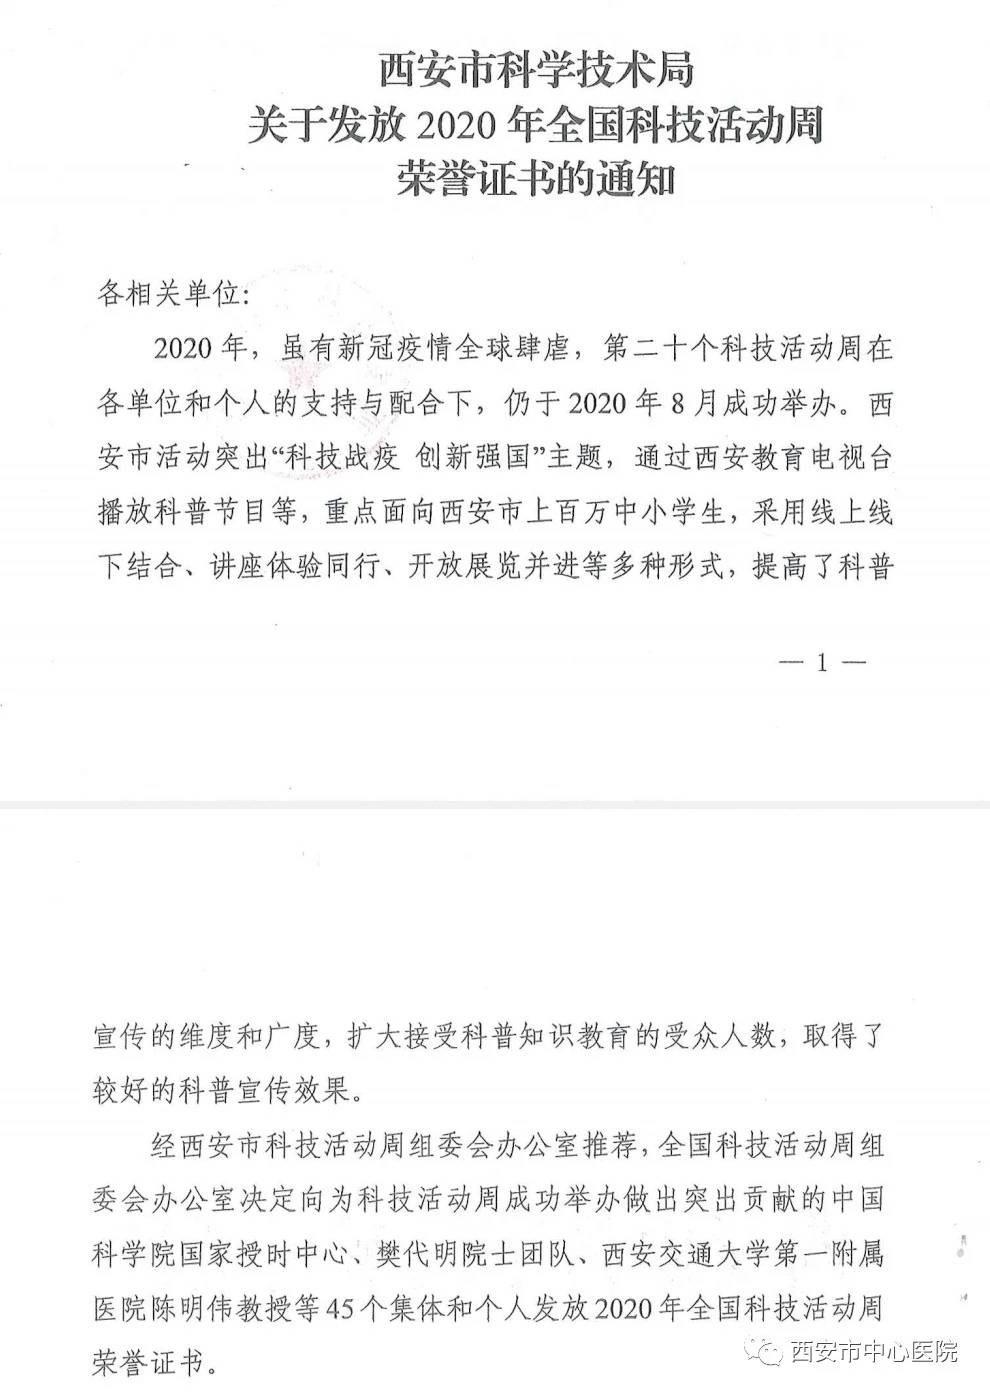 """西安市中心医院荣获2020年度科技部""""全国科技活动周""""集体"""